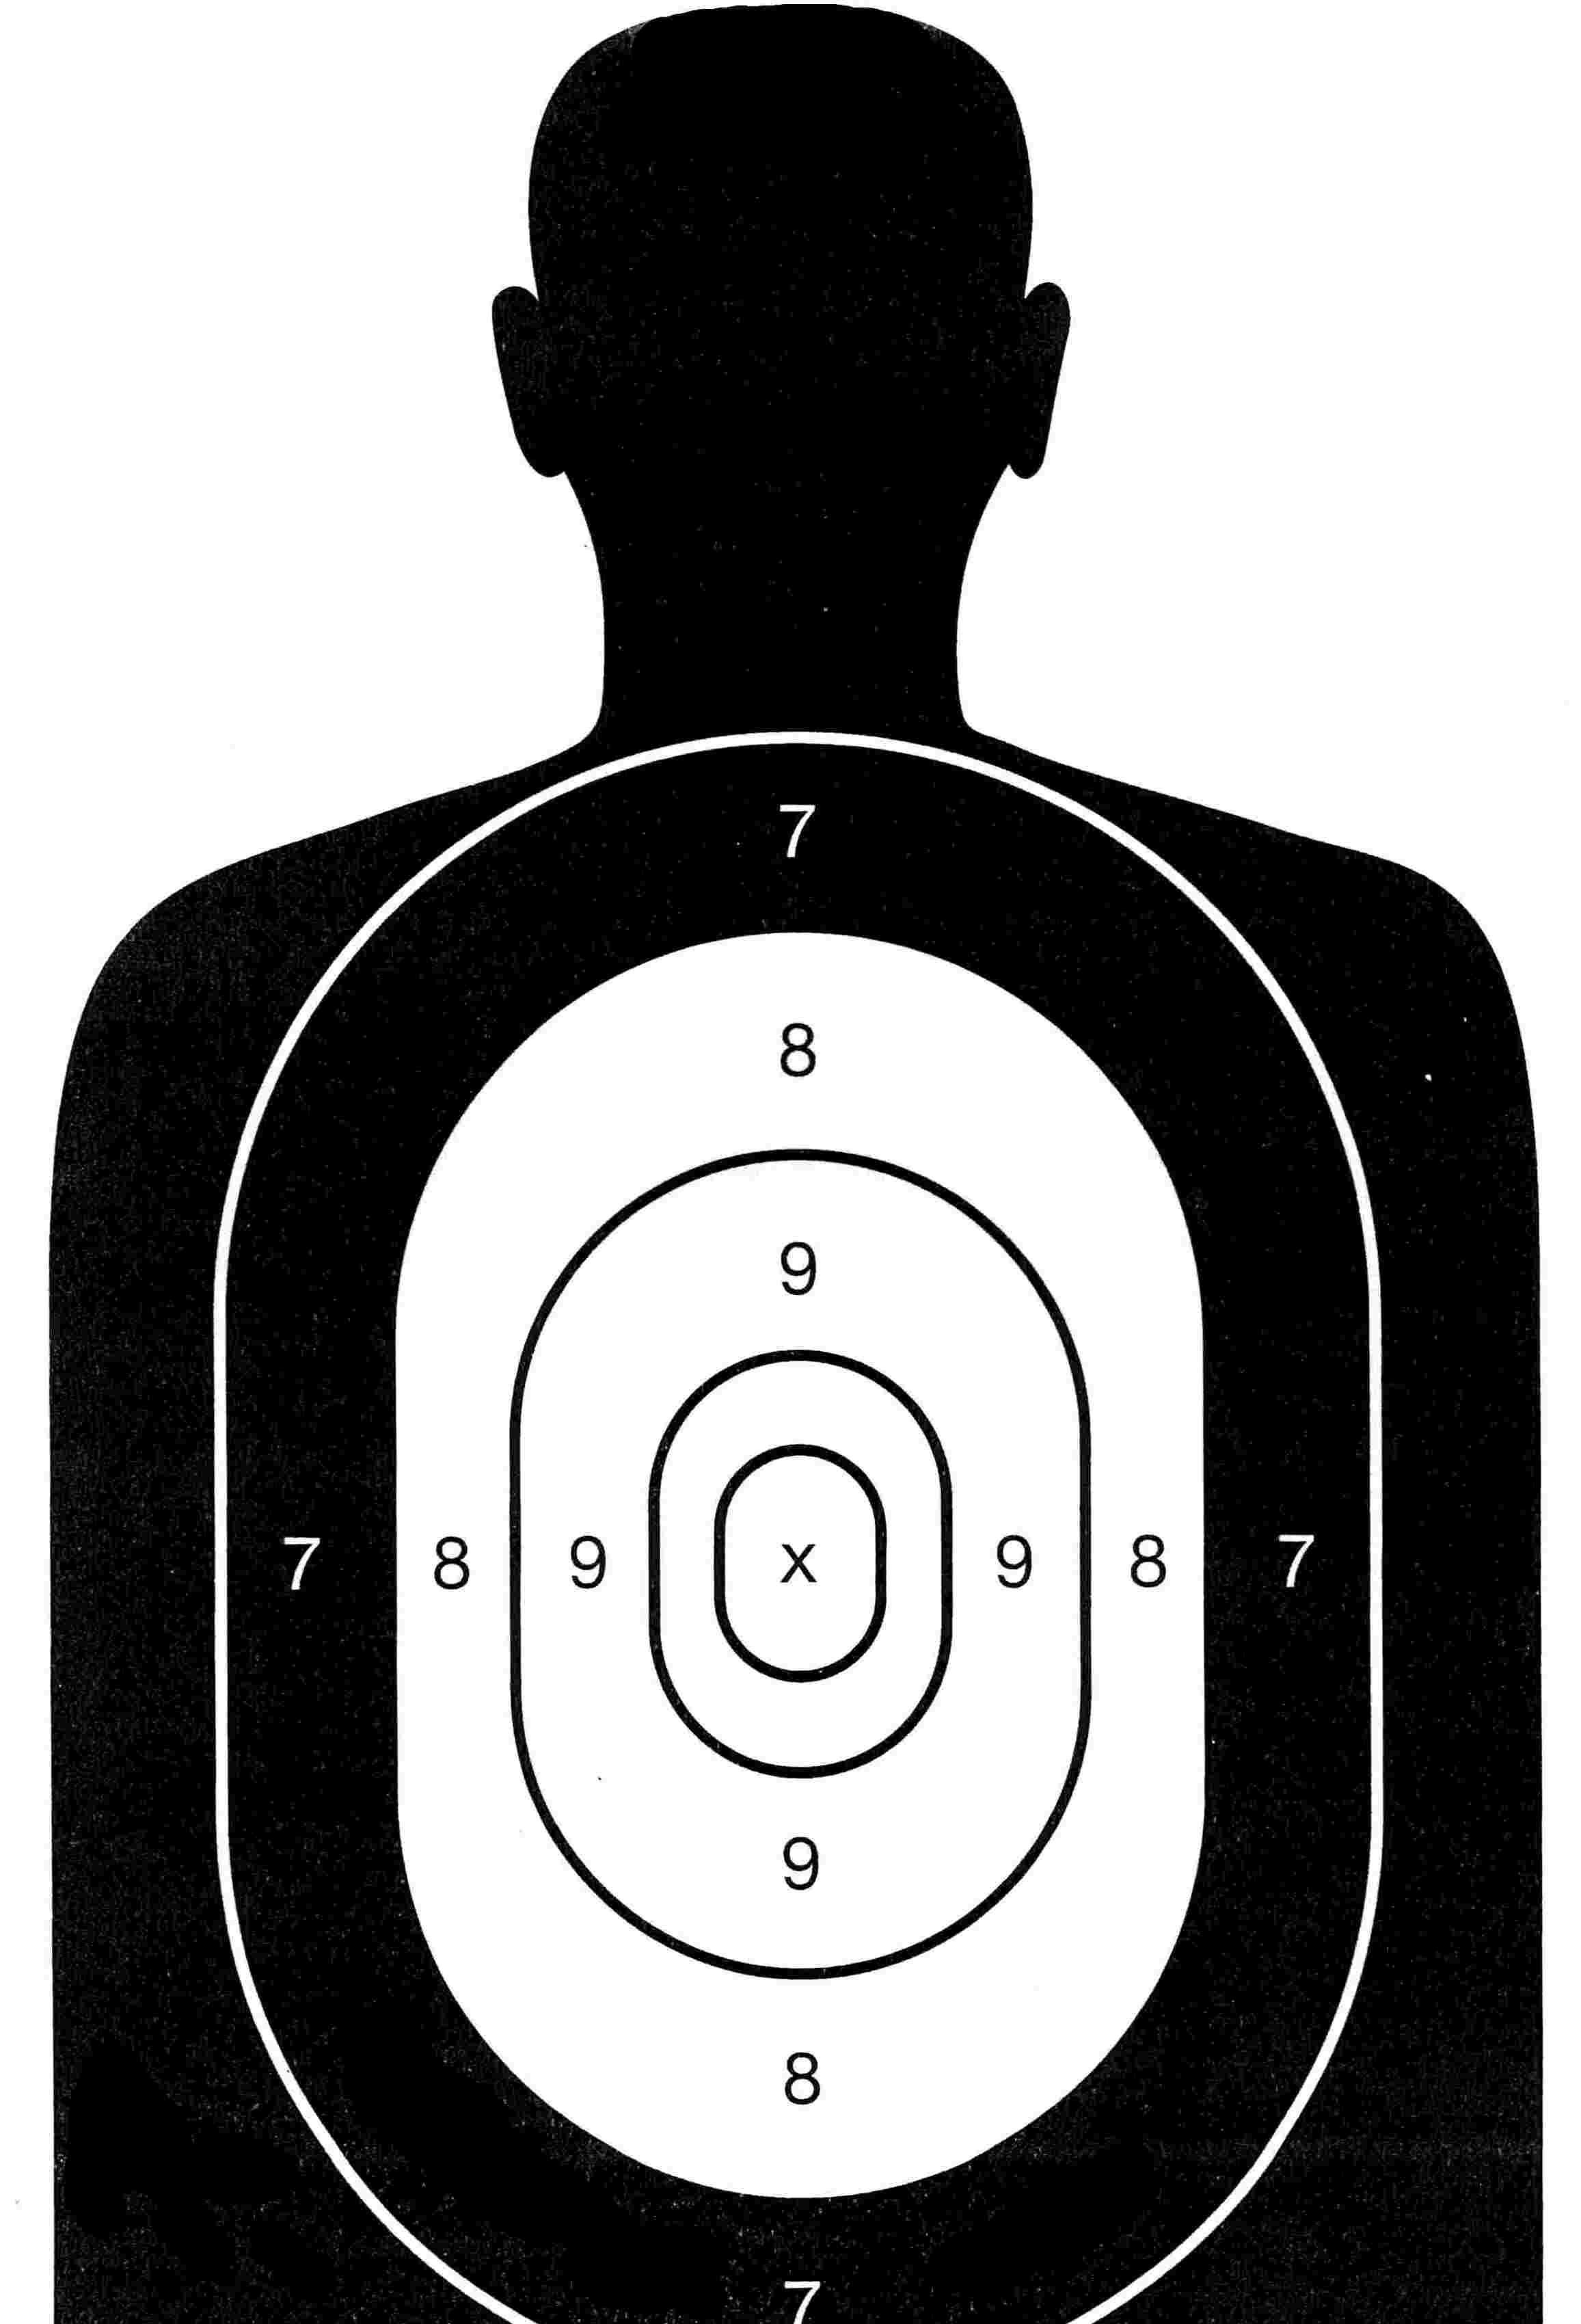 printable human silhouette targets